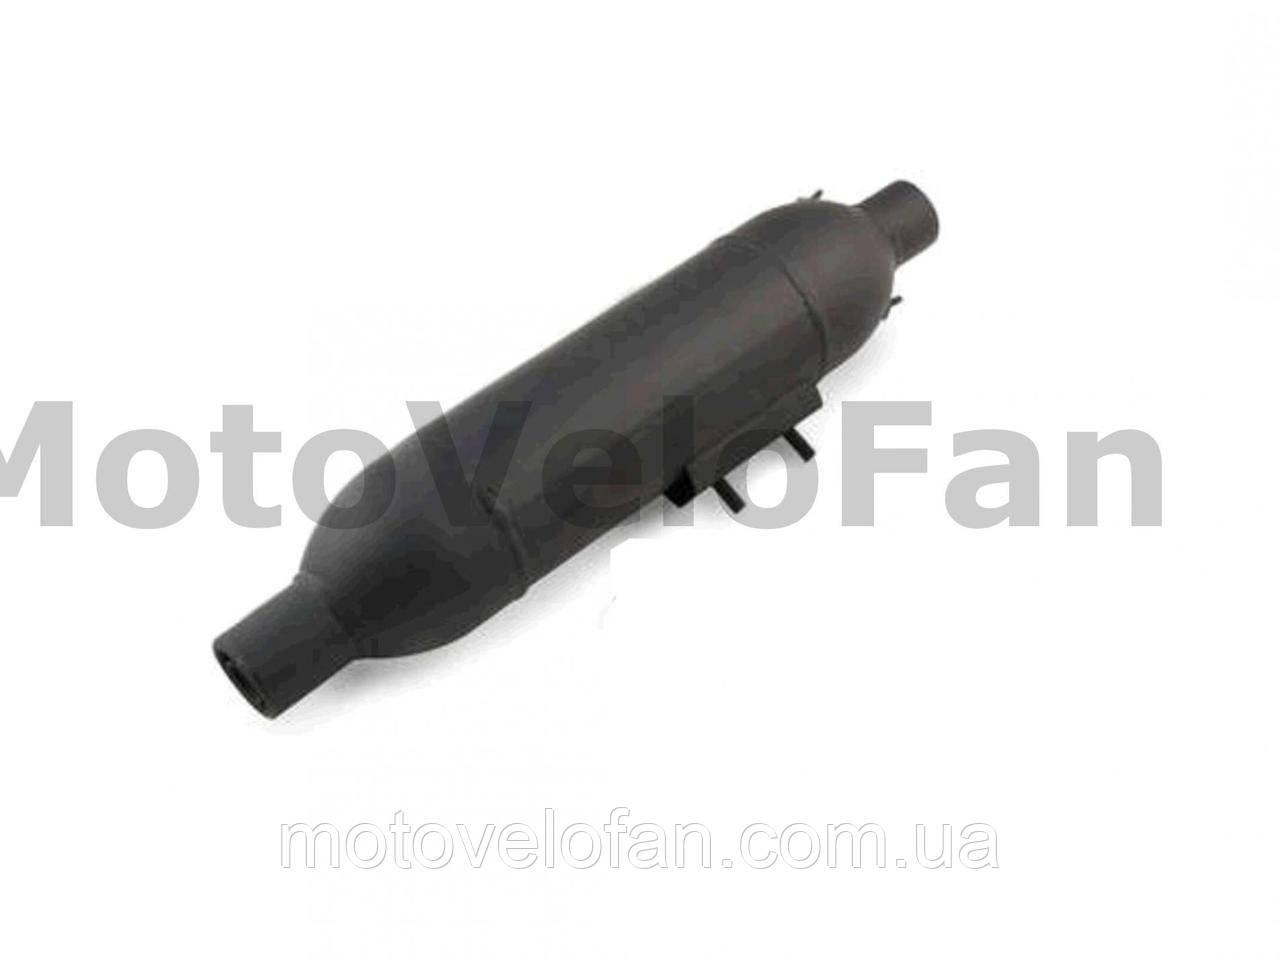 Глушитель (мото)   440*85mm   (черный)   118